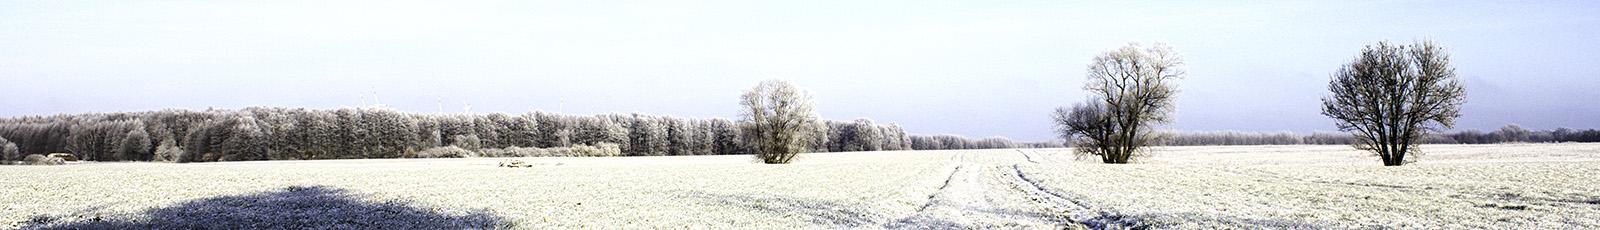 Blog-Bild Frühling